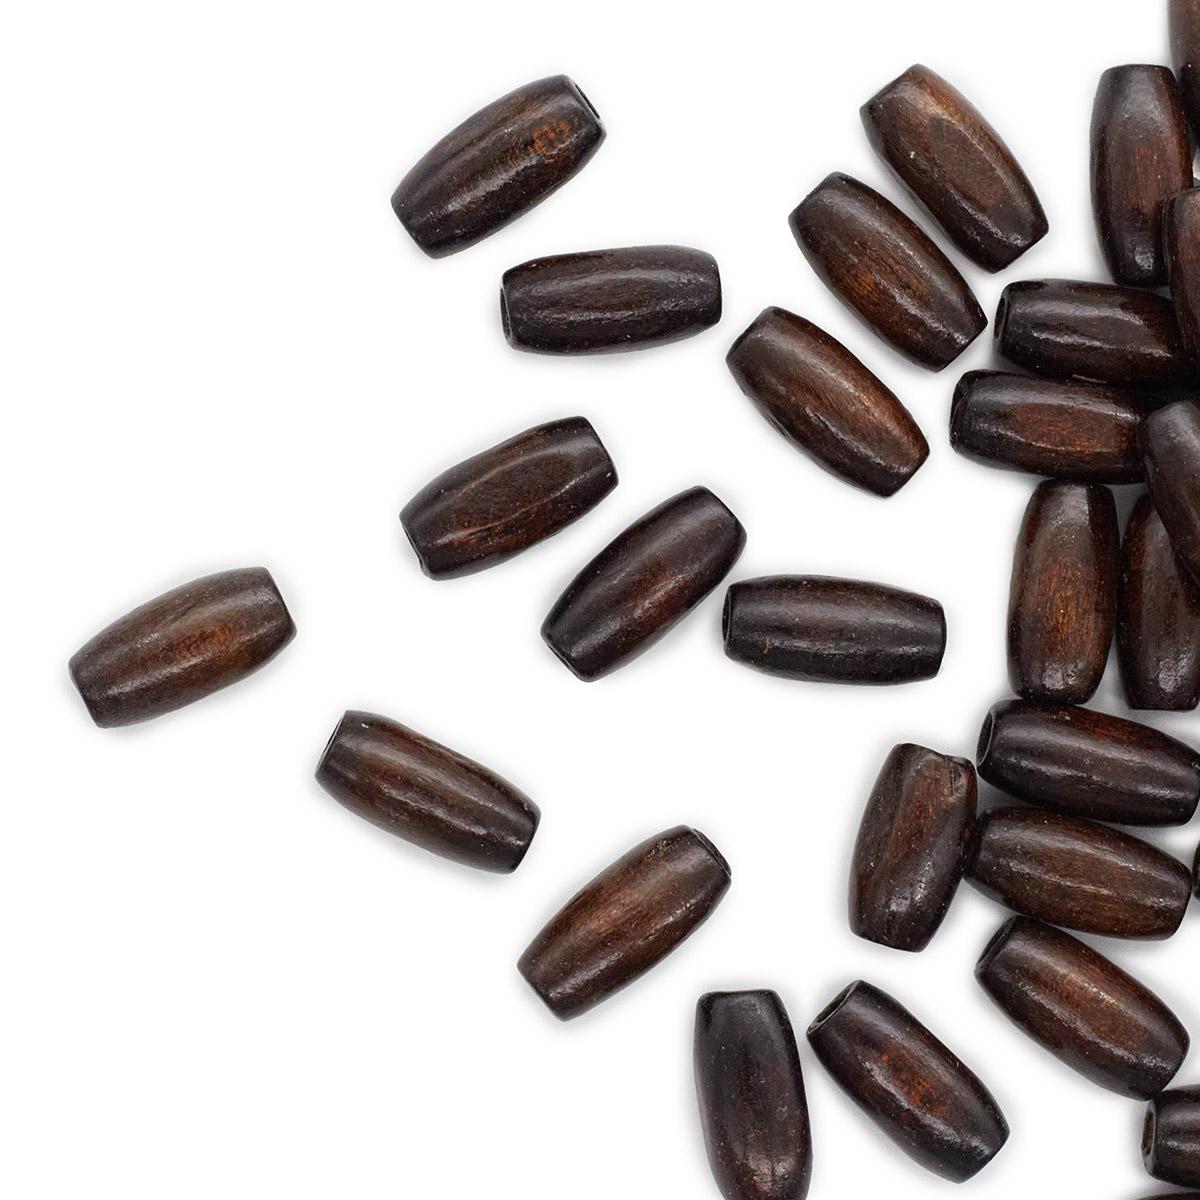 WDB0433 Деревянные бусины, коричневый, 15*7 мм, упак./70 шт., 'Астра'